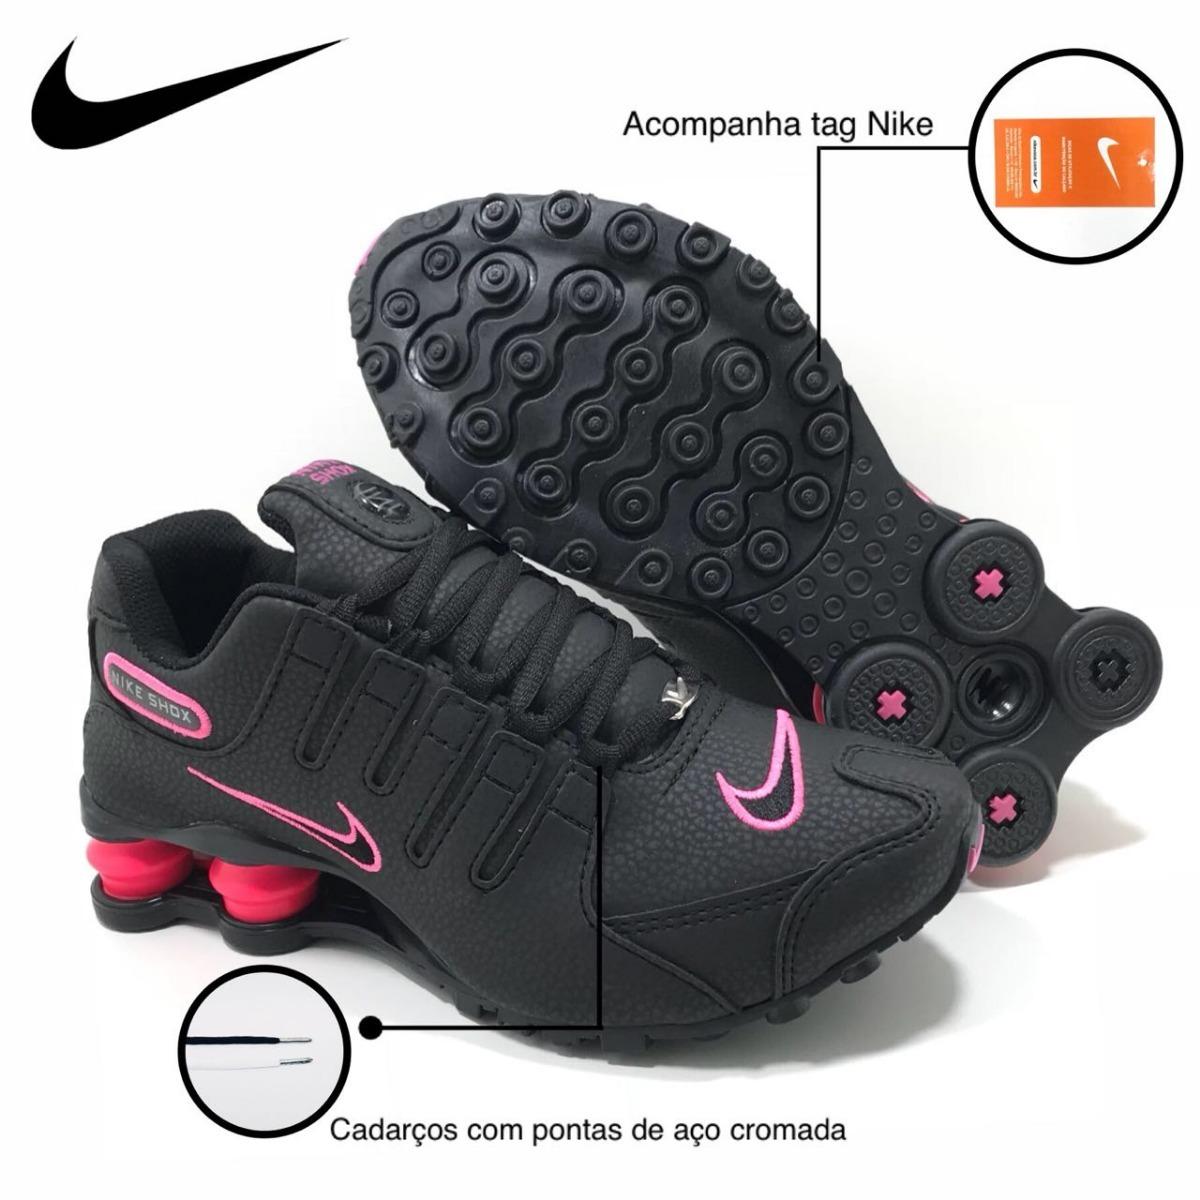 4f3bfbe3d60 ... netherlands tênis nike shox nz feminino preto pink original. carregando  zoom. 4e0a8 ab6fa